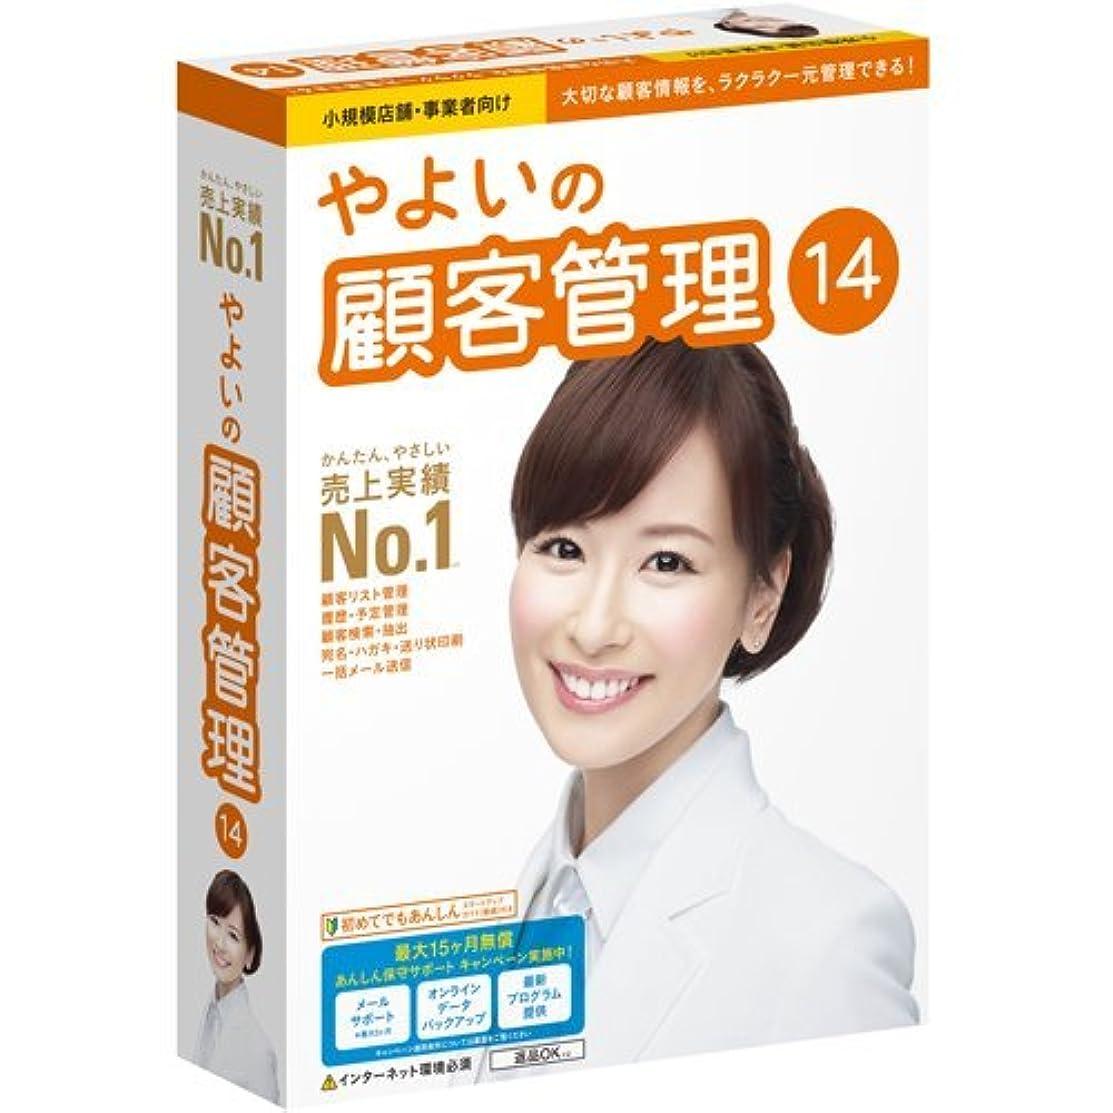 鈍いフェローシップする【旧商品】やよいの顧客管理 14